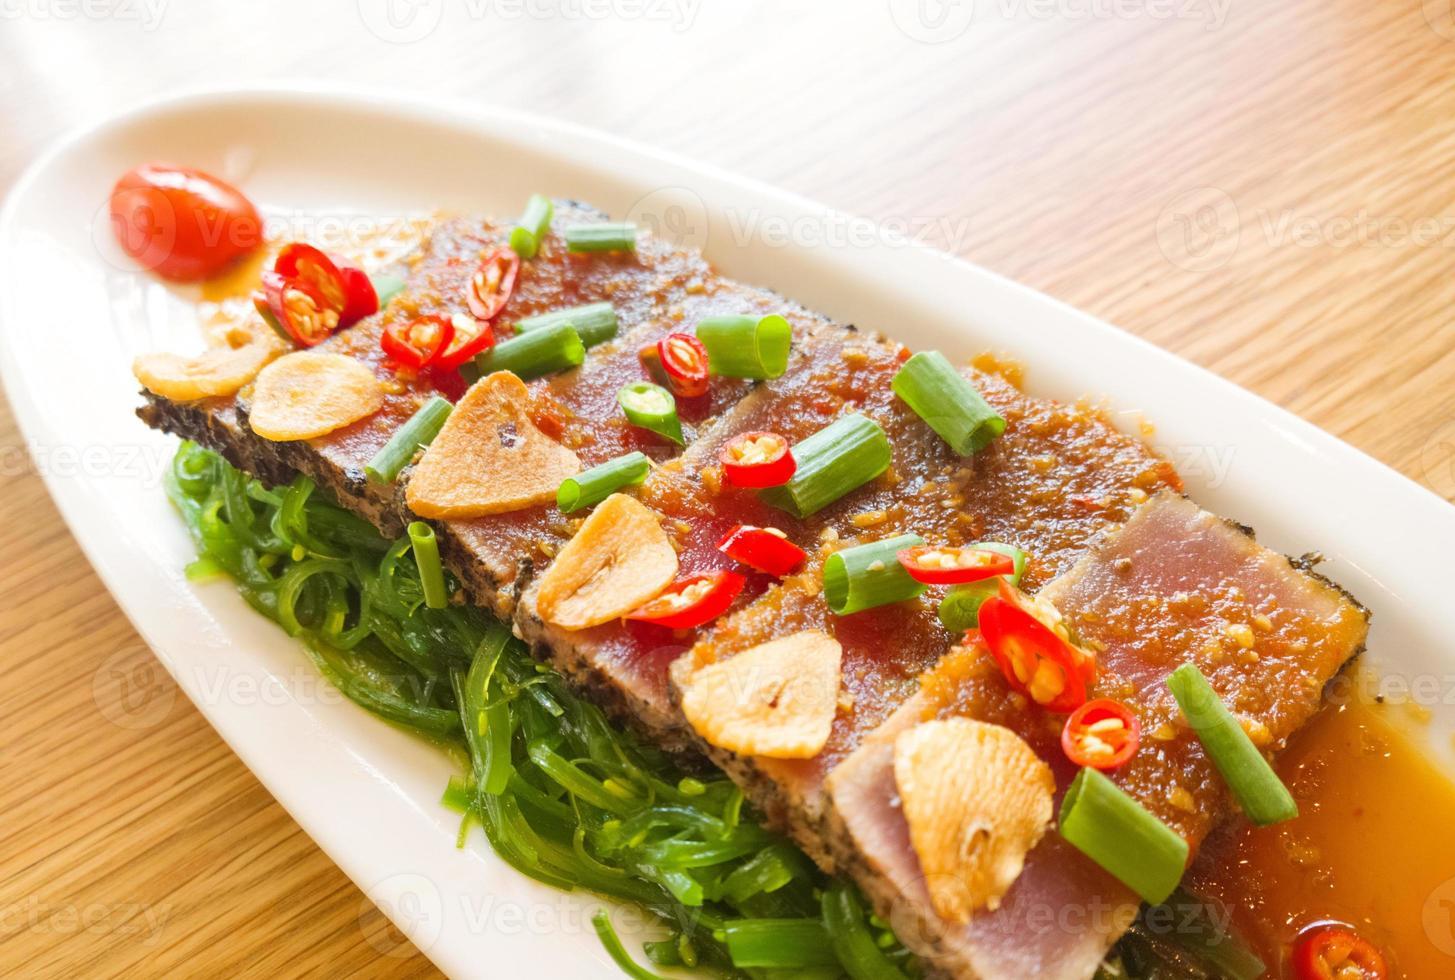 rökt tonfisk kryddig med salladfris på träbord foto